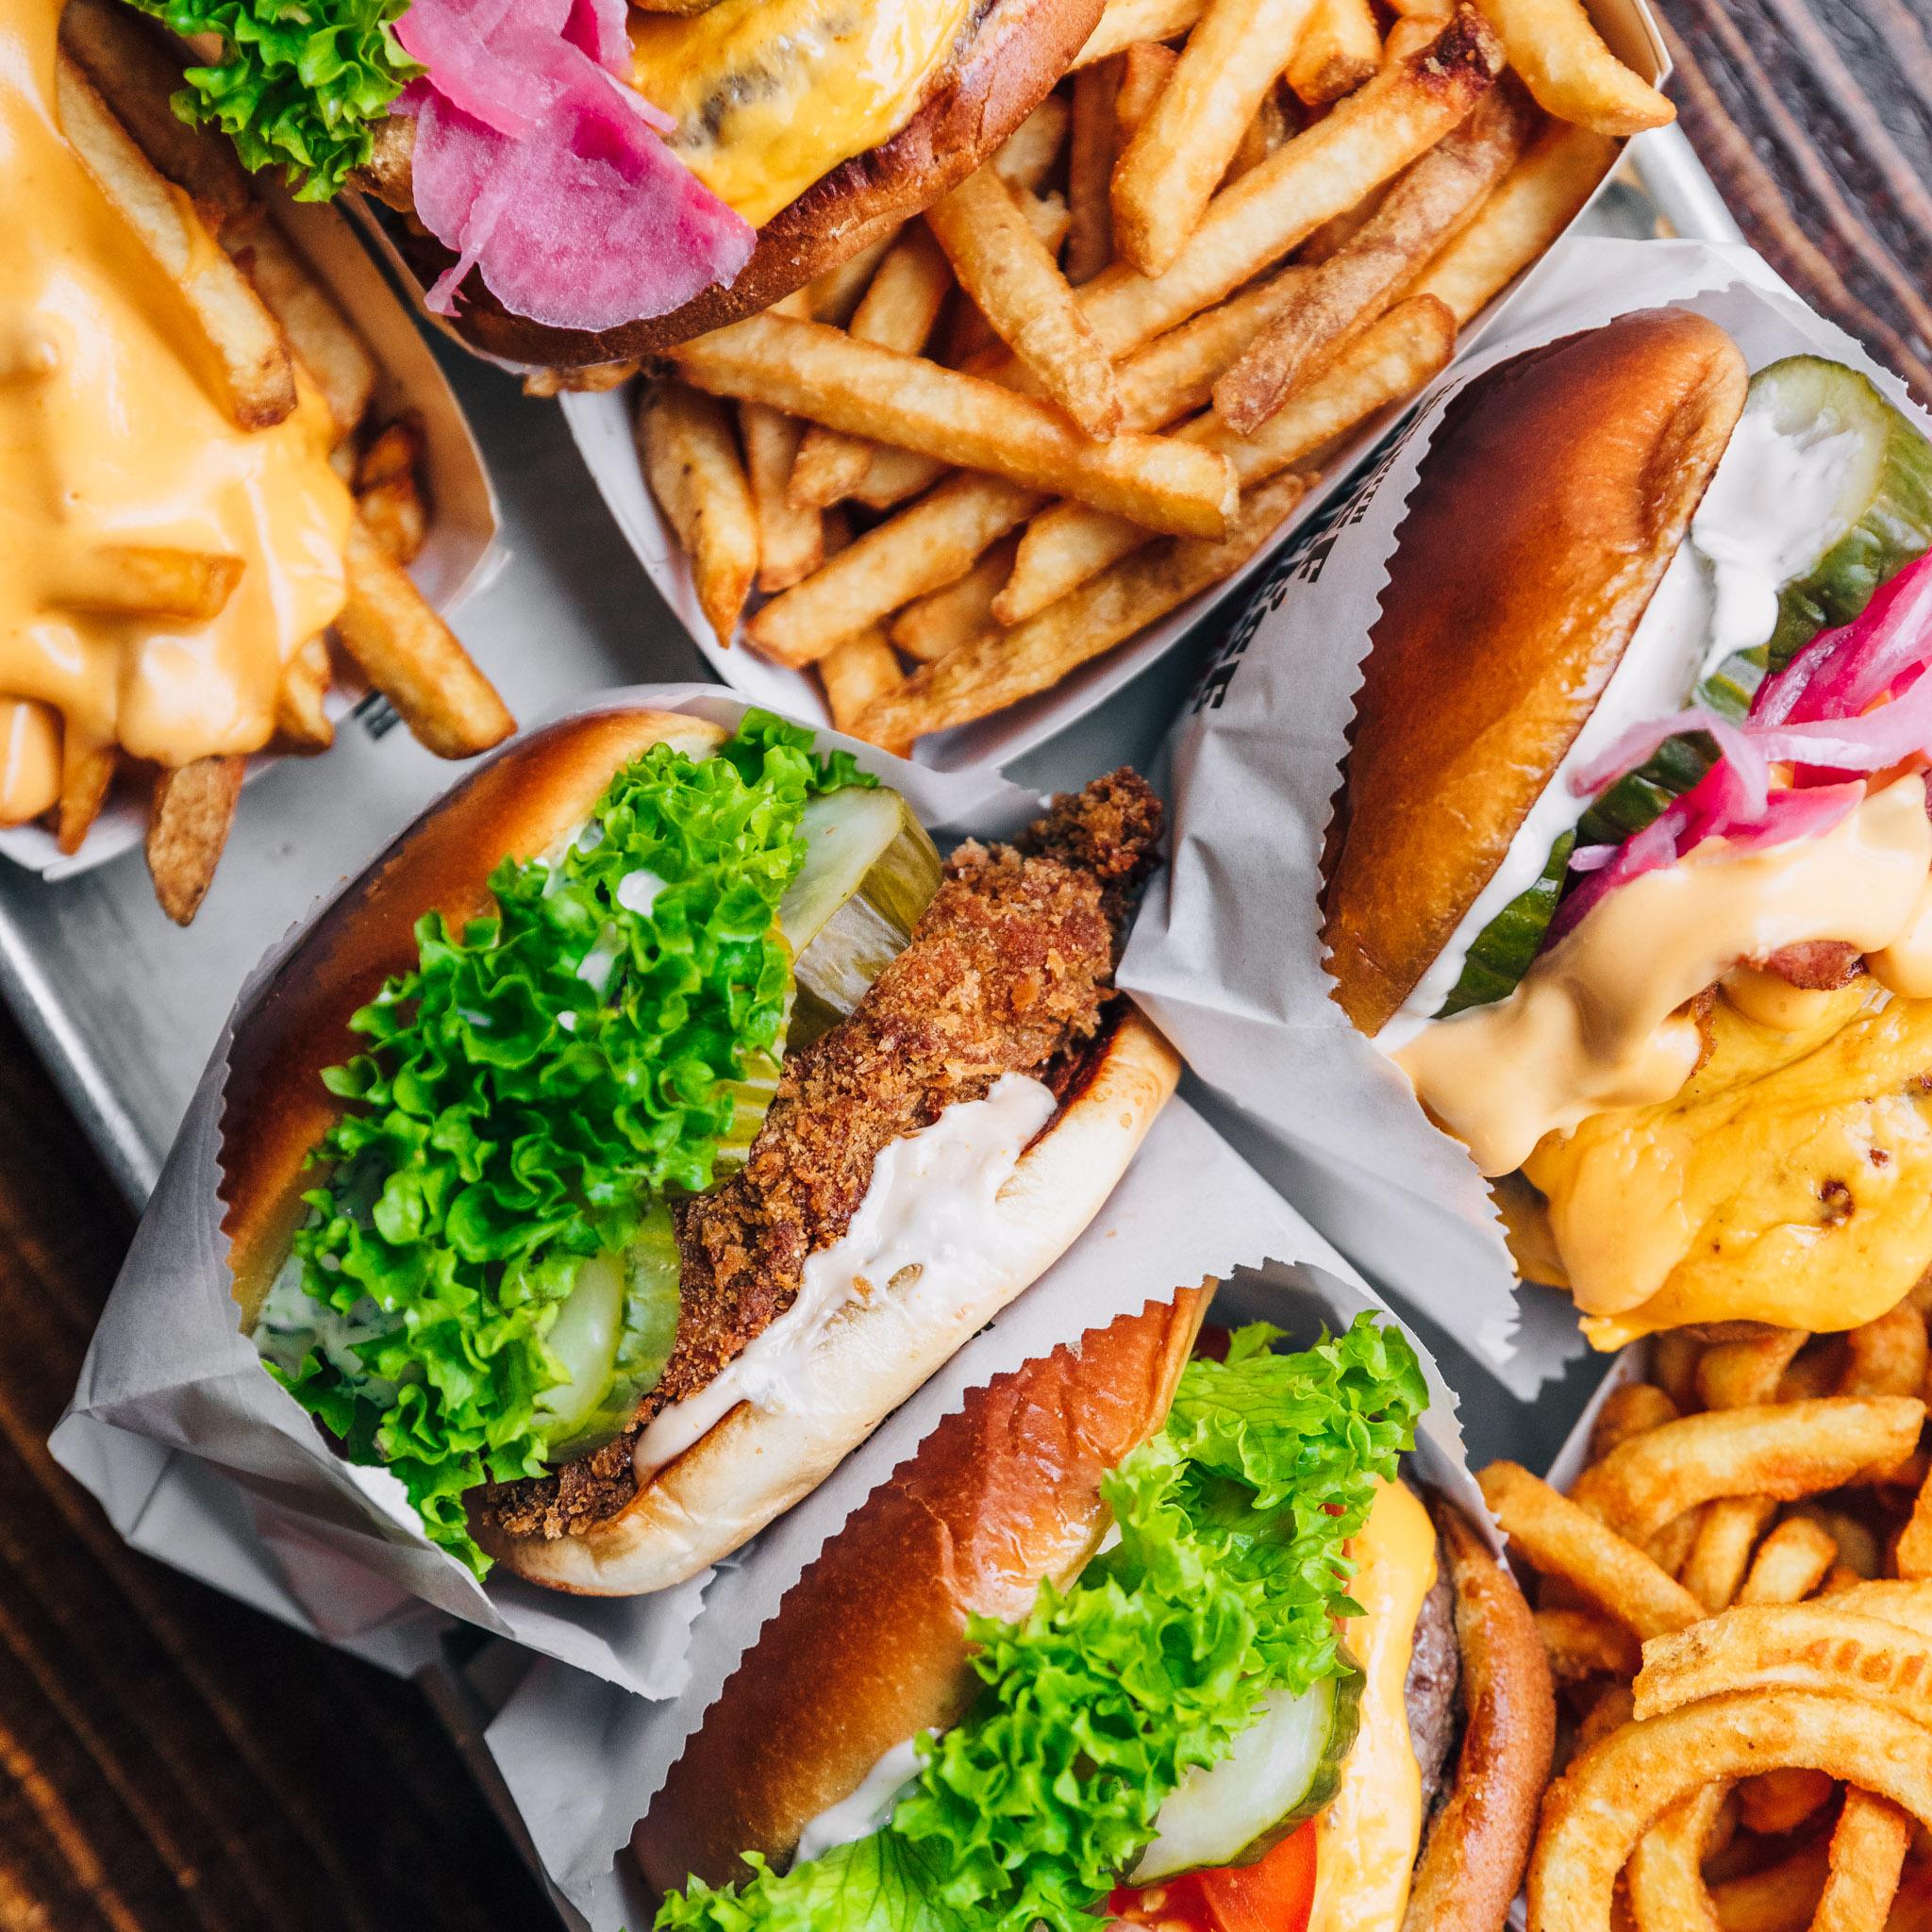 2 for 1 på burgermenuer: Burgerbar i Aarhus lokker med lække...